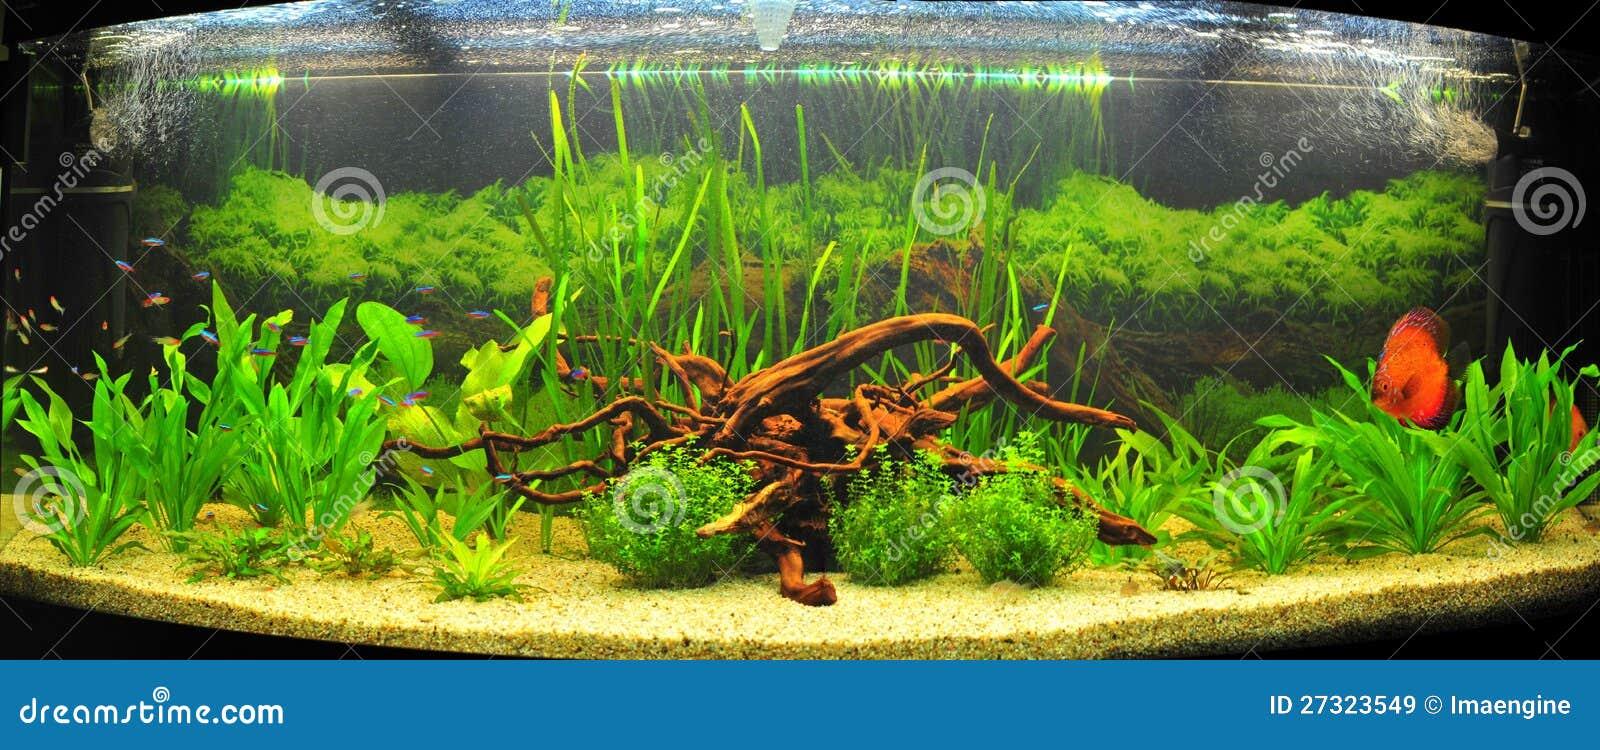 Acquario esotico con i pesci tropicali del discus immagine for Pesci per acquario tropicale